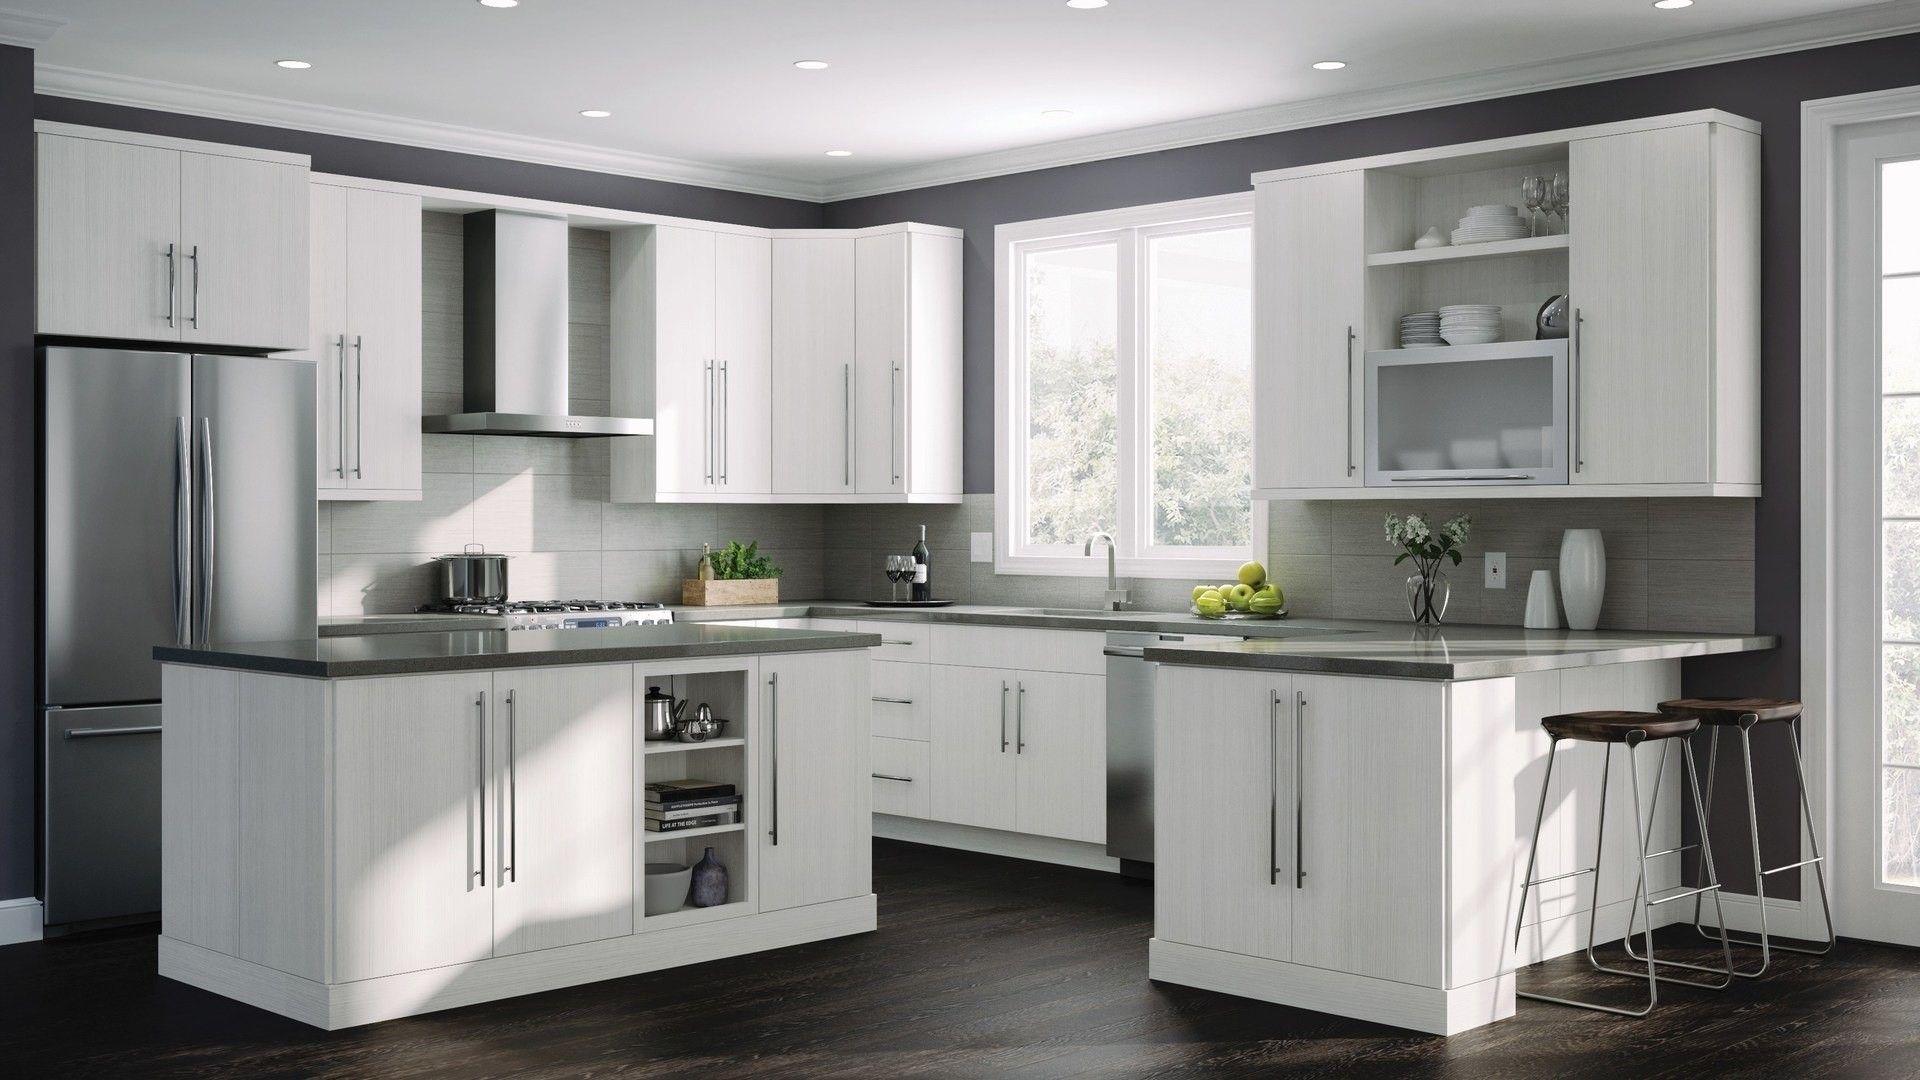 Kitchen furniture design by Glenda Richard on Kitchen ...